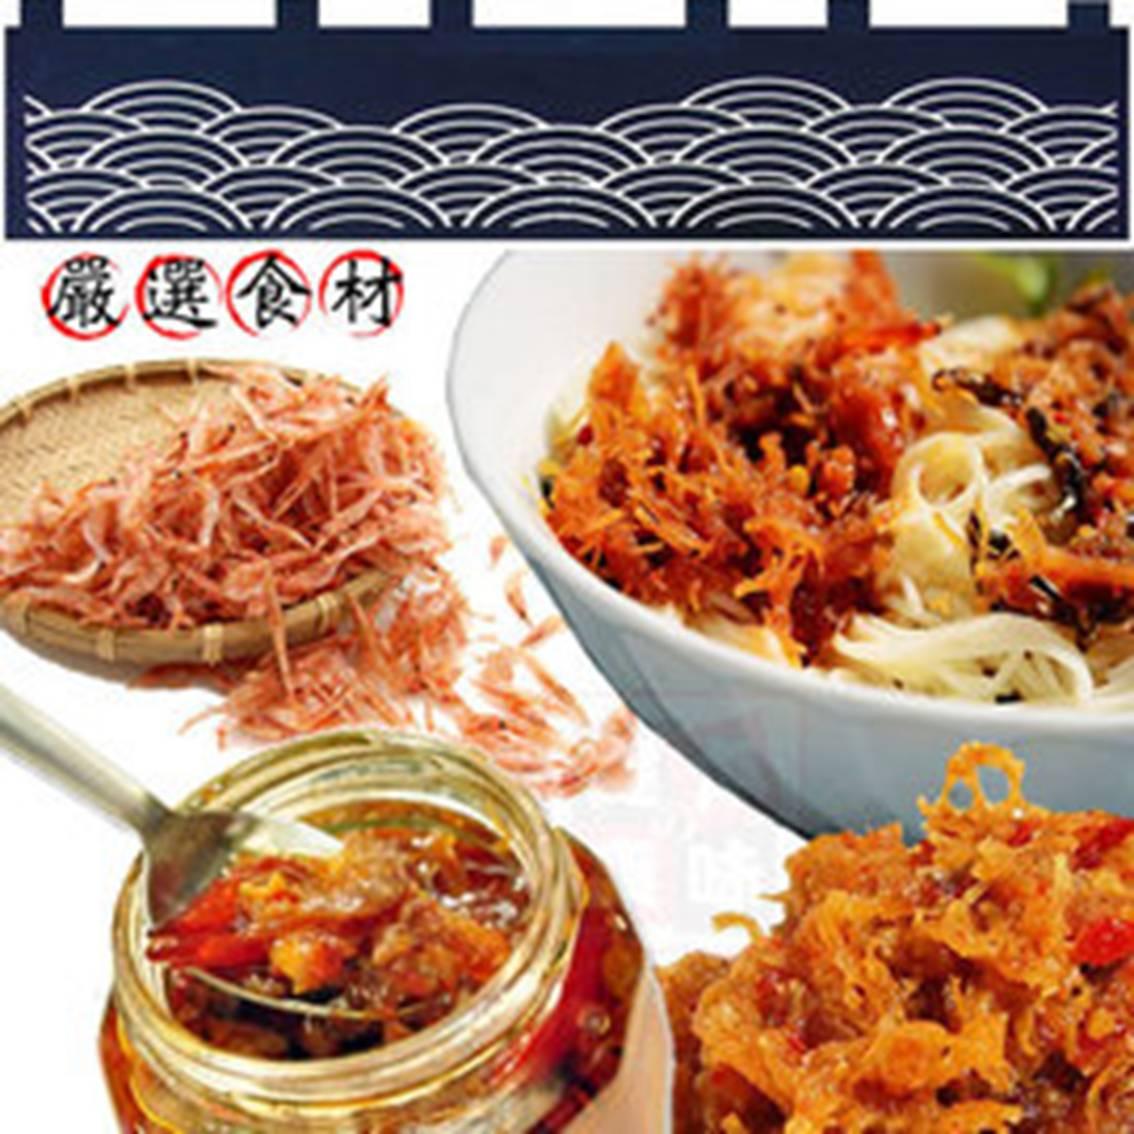 澎湖名產 櫻花蝦醬 (200克)  樂活生活館